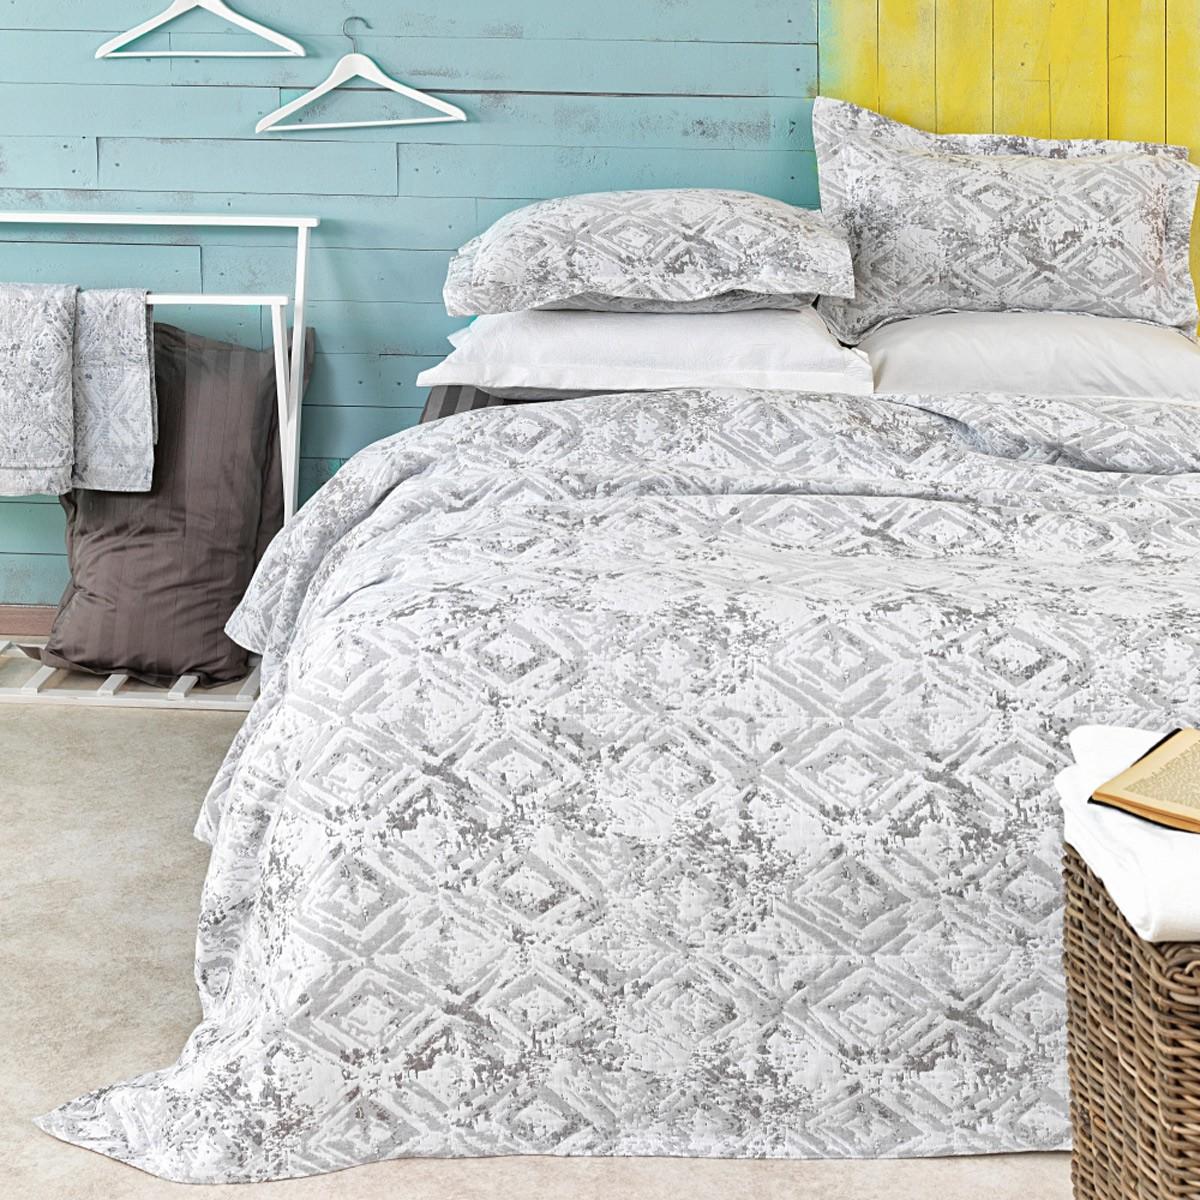 Κουβερτόριο Υπέρδιπλο (Σετ) Palamaiki Classico Lesly Grey home   κρεβατοκάμαρα   κουβέρτες   κουβέρτες καλοκαιρινές υπέρδιπλες